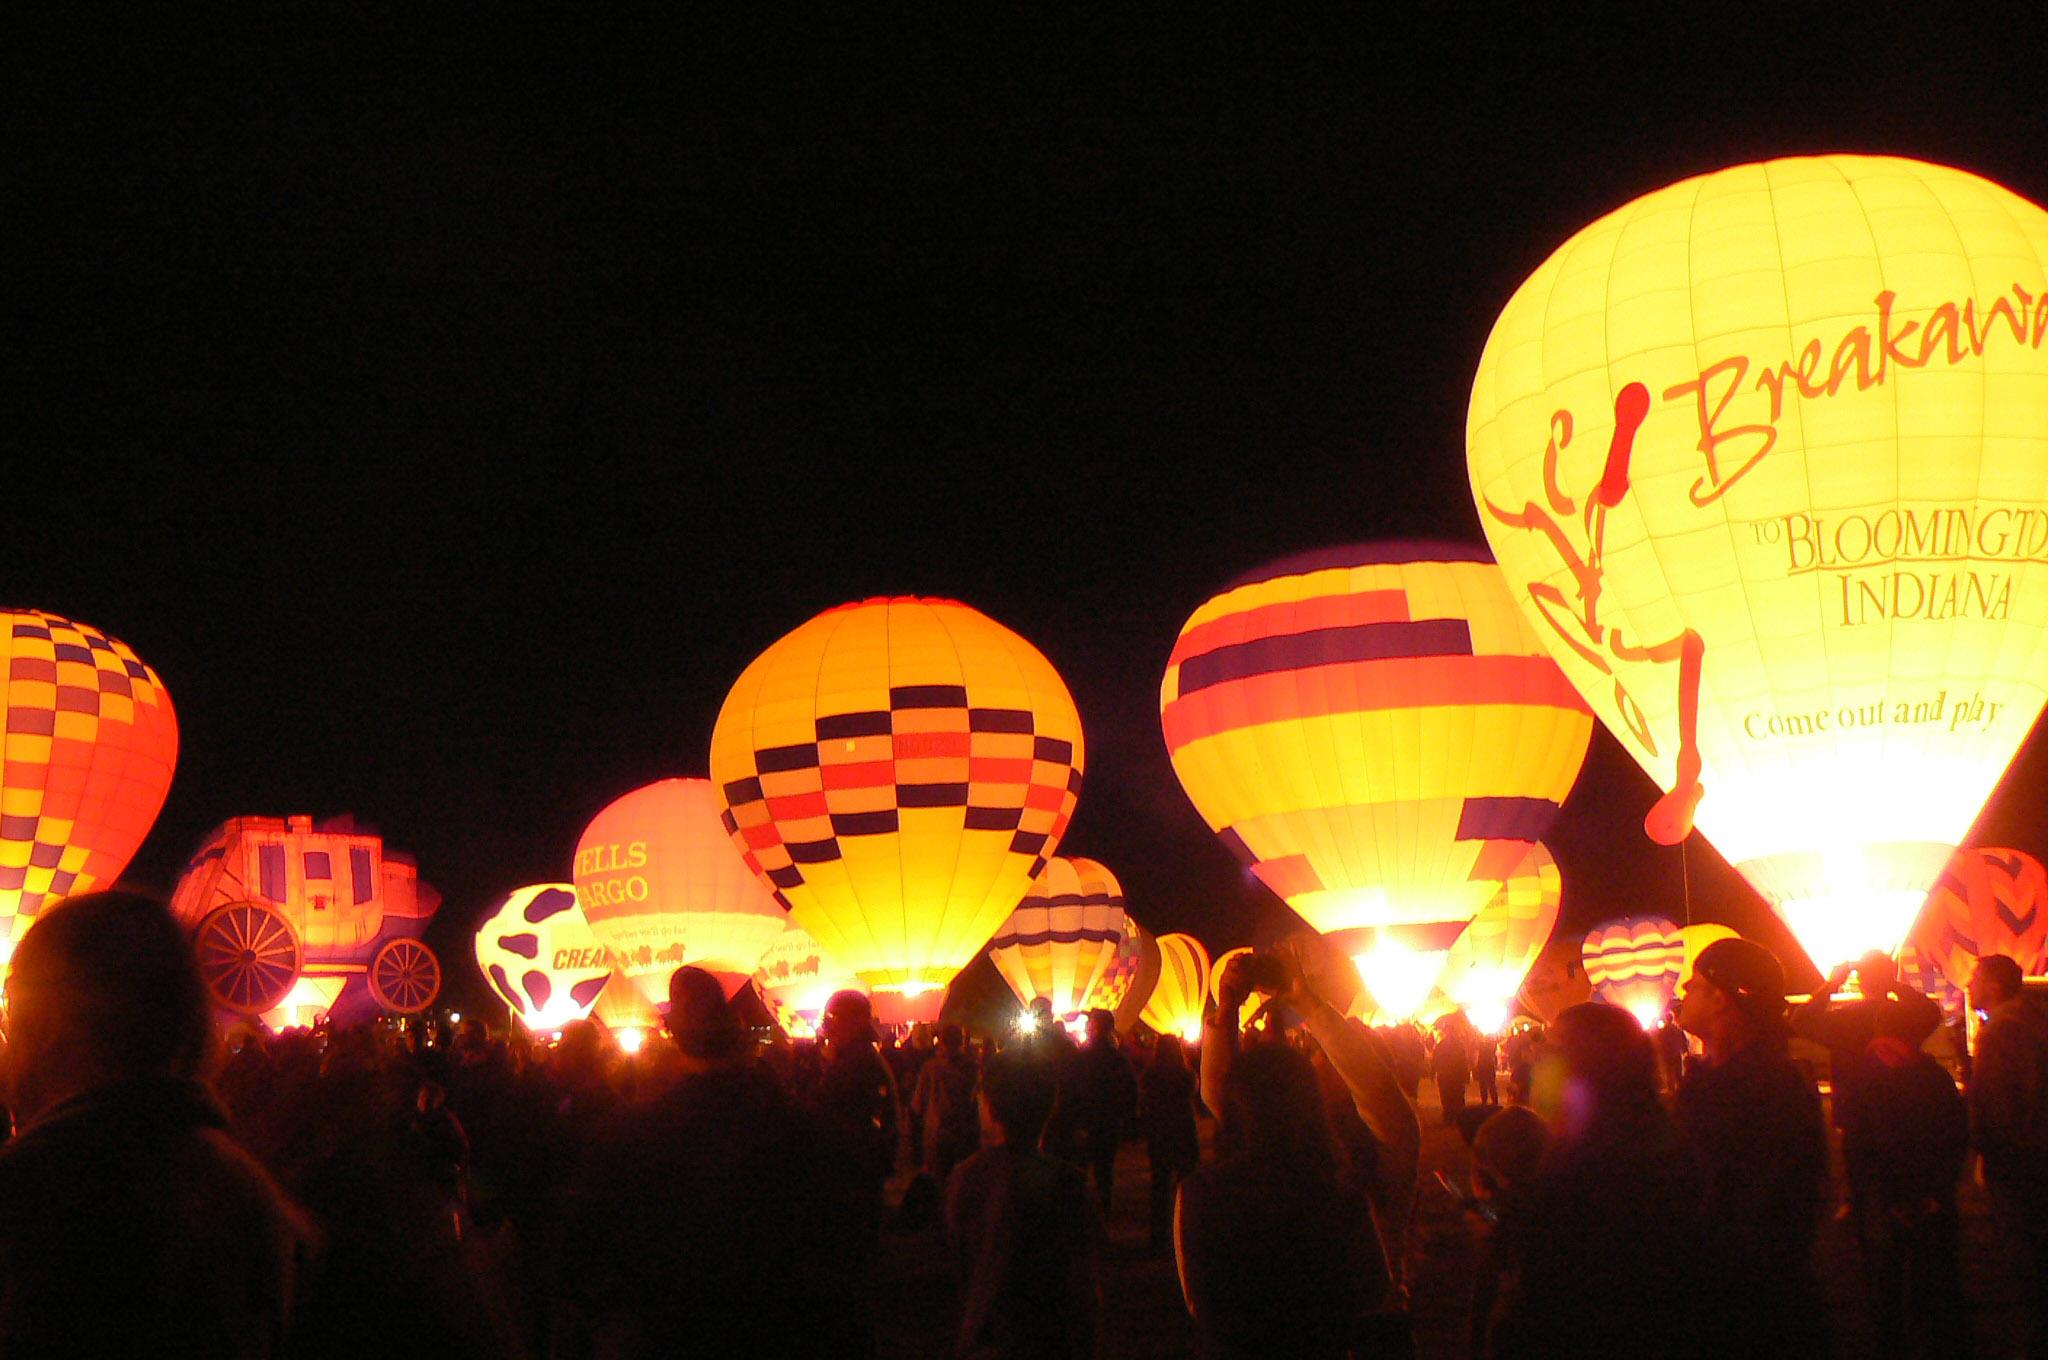 Hot Air Balloon Glow in Albuquerque, New Mexico.